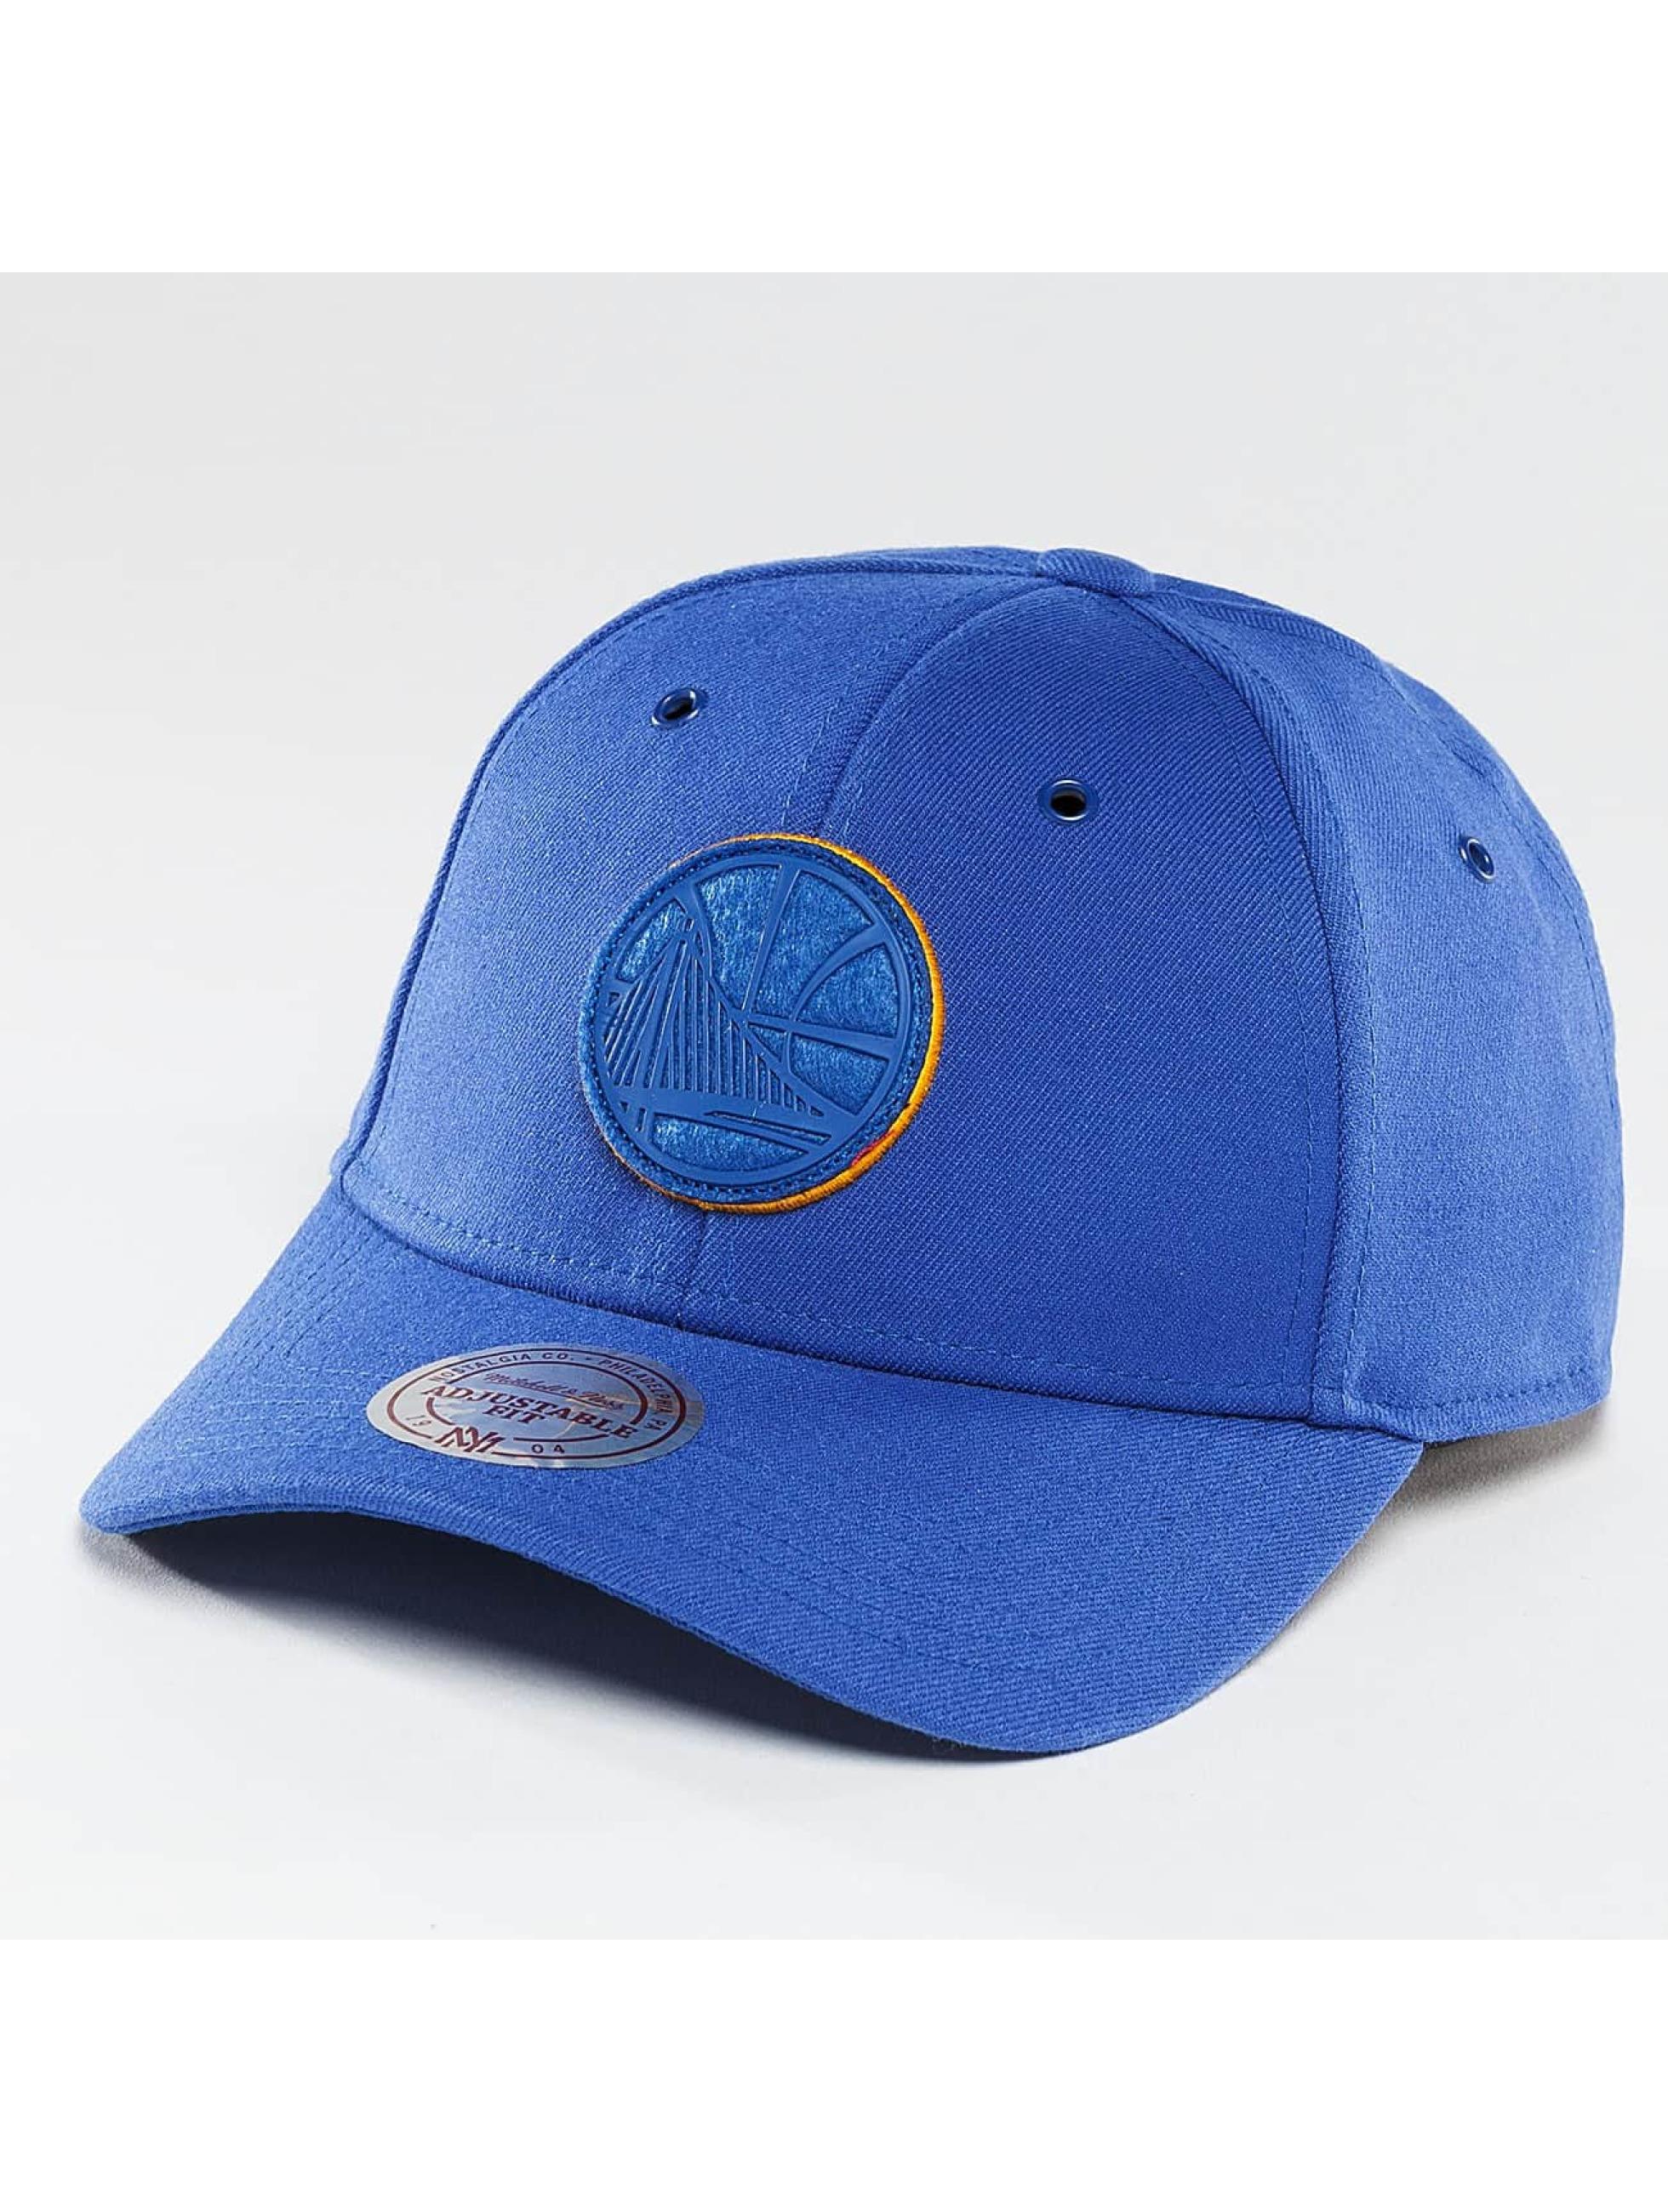 Mitchell & Ness Männer,Frauen Snapback Cap ilter 2.0 Golden State Warriors in blau